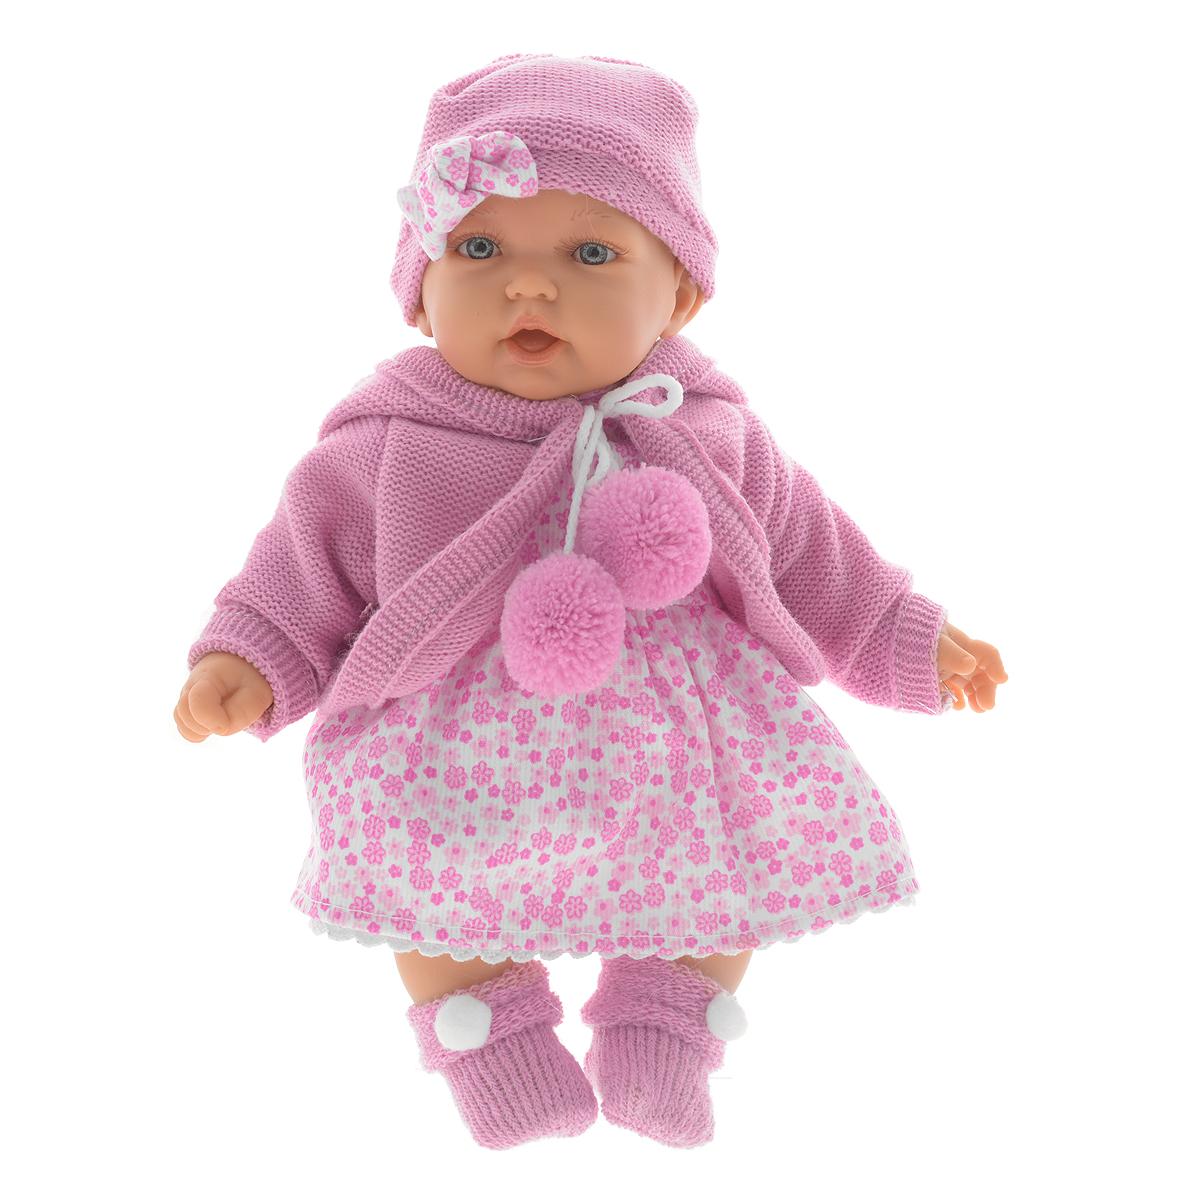 Munecas Antonio Juan Пупс Азалия цвет фуксия1220CКукла Antonio Juan Азалия - чудесная малышка, которая порадует вашу маленькую принцессу и доставит ей много удовольствия от часов, посвященных игре с ней. У нее очаровательные глазки и длинные реснички. Малышка одета в красивое платьице в цветочек, вязаную кофточку и уютные носочки с помпонами. На голове у Азалии шапочка с очаровательным бантом. Тело куклы мягконабивное, а подвижные голова, ножки и ручки выполнены из высококачественного винила. При первом нажатии на животик куколка весело засмеется, при втором скажет - мама, при третьем - папа. Игра с куклой разовьет в вашей малышке чувство ответственности и заботы. Порадуйте свою принцессу таким великолепным подарком! Рекомендуется докупить 3 батарейки напряжением 1,5V типа AG13/LR44 (товар комплектуется демонстрационными). Munecas Antonio Juan (куклы Антонио Хуан) - это бренд с многолетней историей! Куклы Antonio Juan производятся в Испании, отливаются из очень мягкого винила с добавлением...